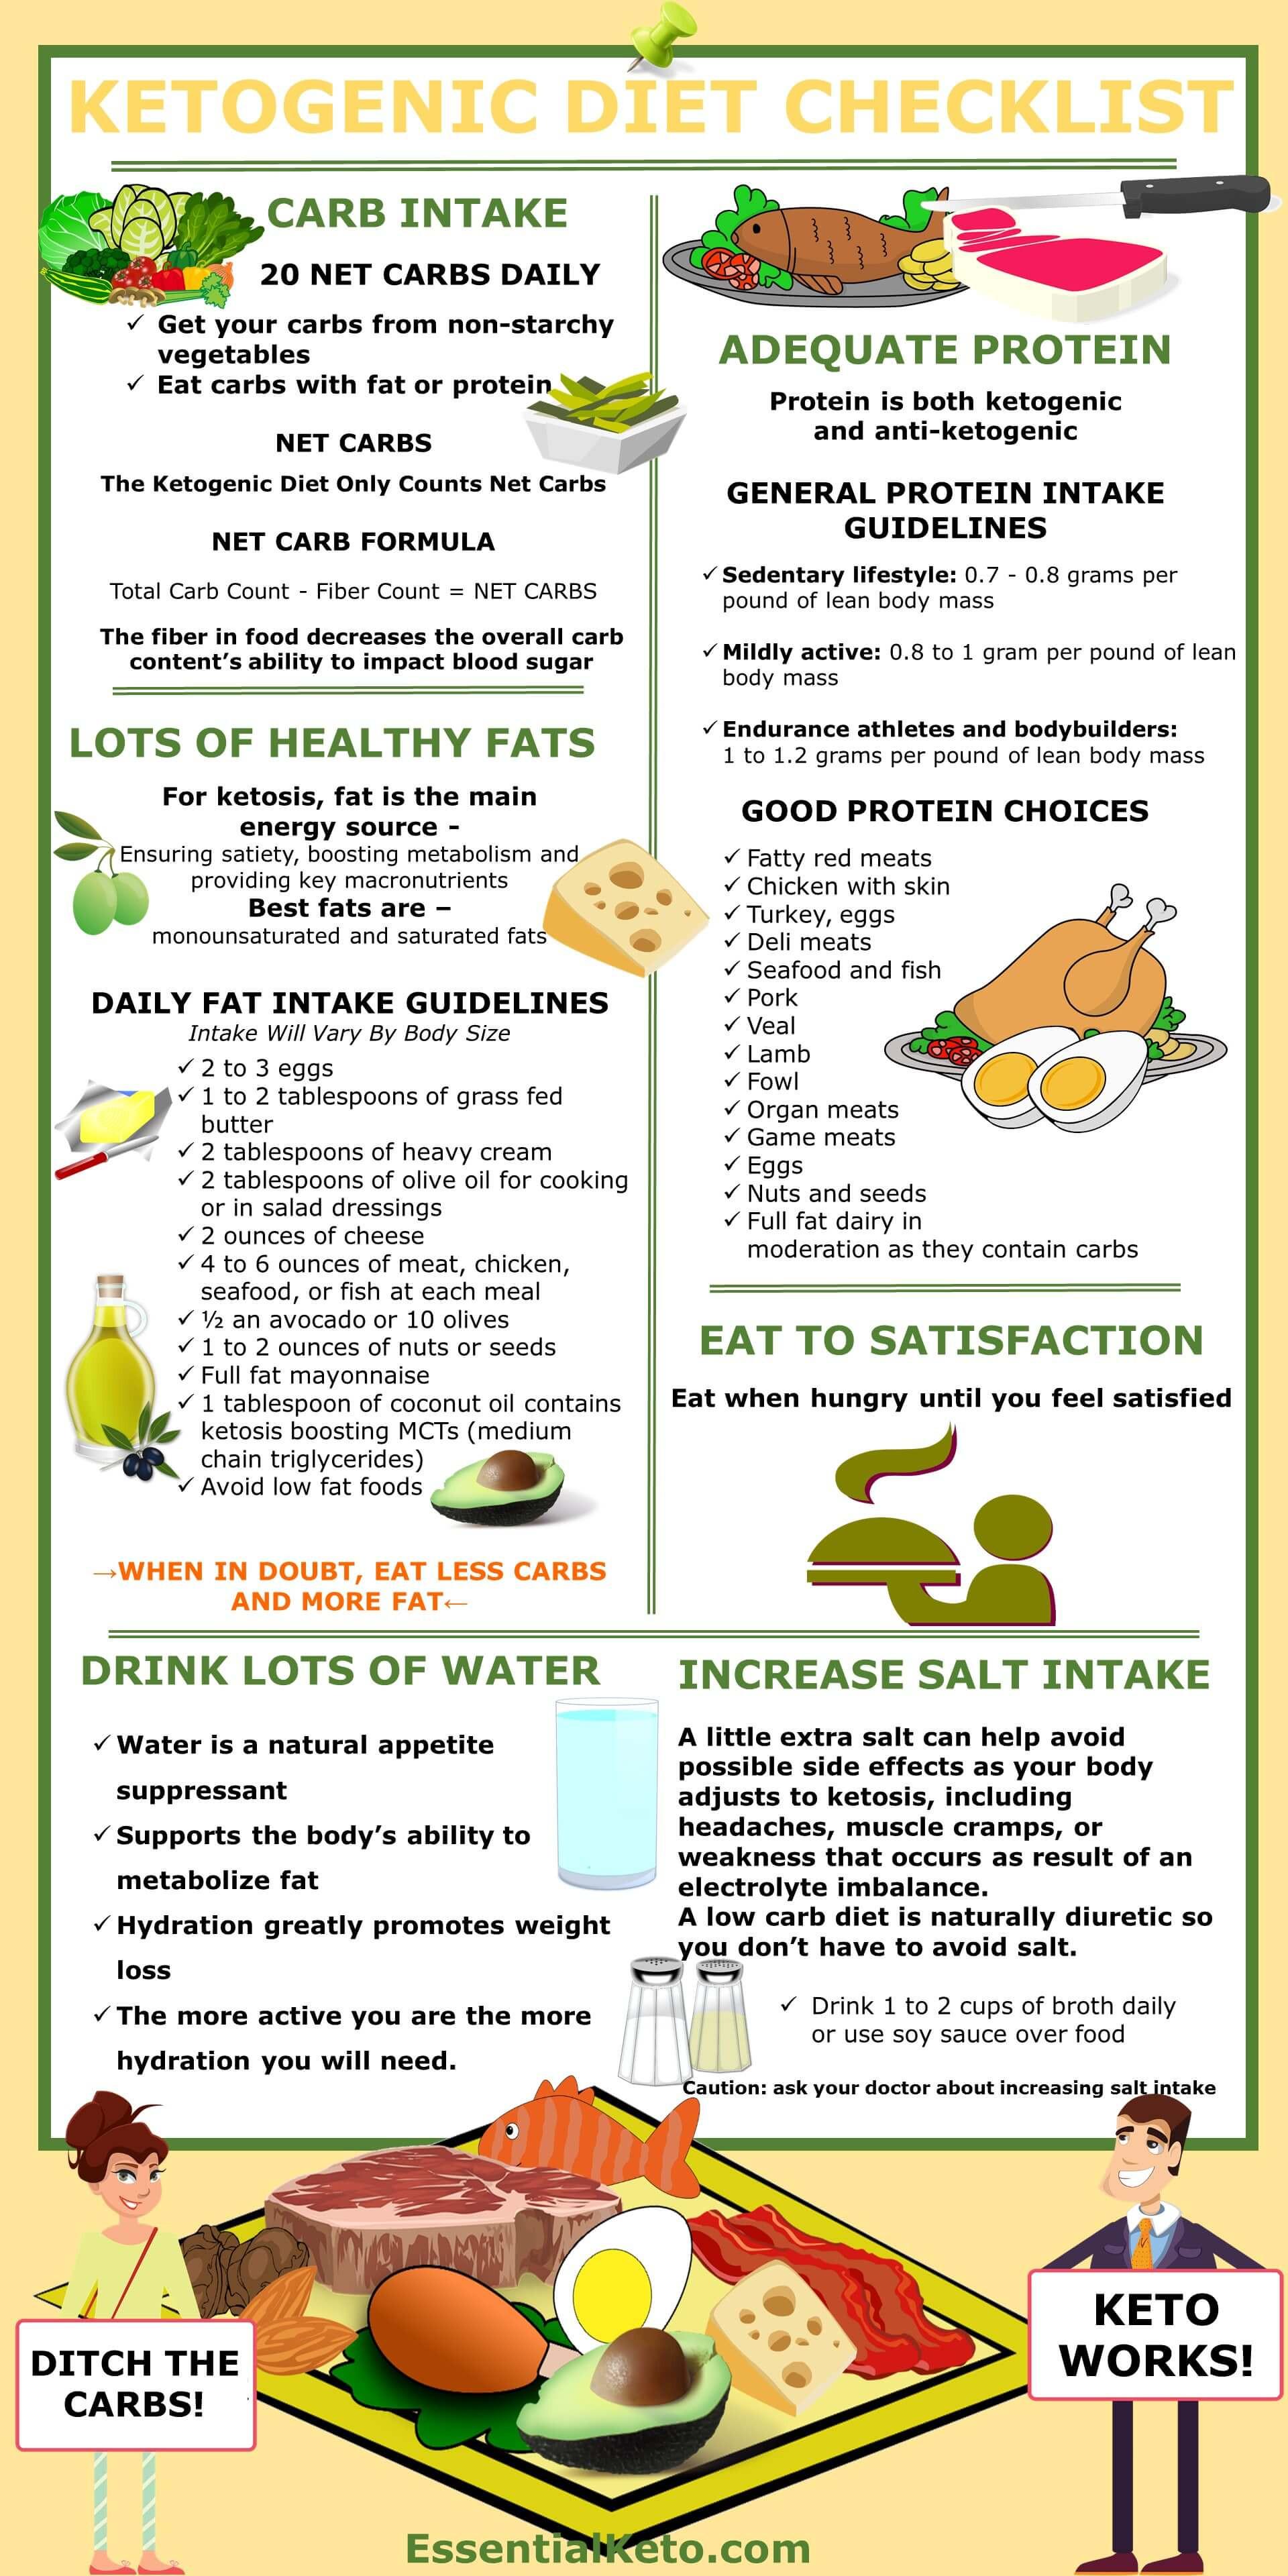 Keto Diet Videos  Ketogenic Diet Checklist